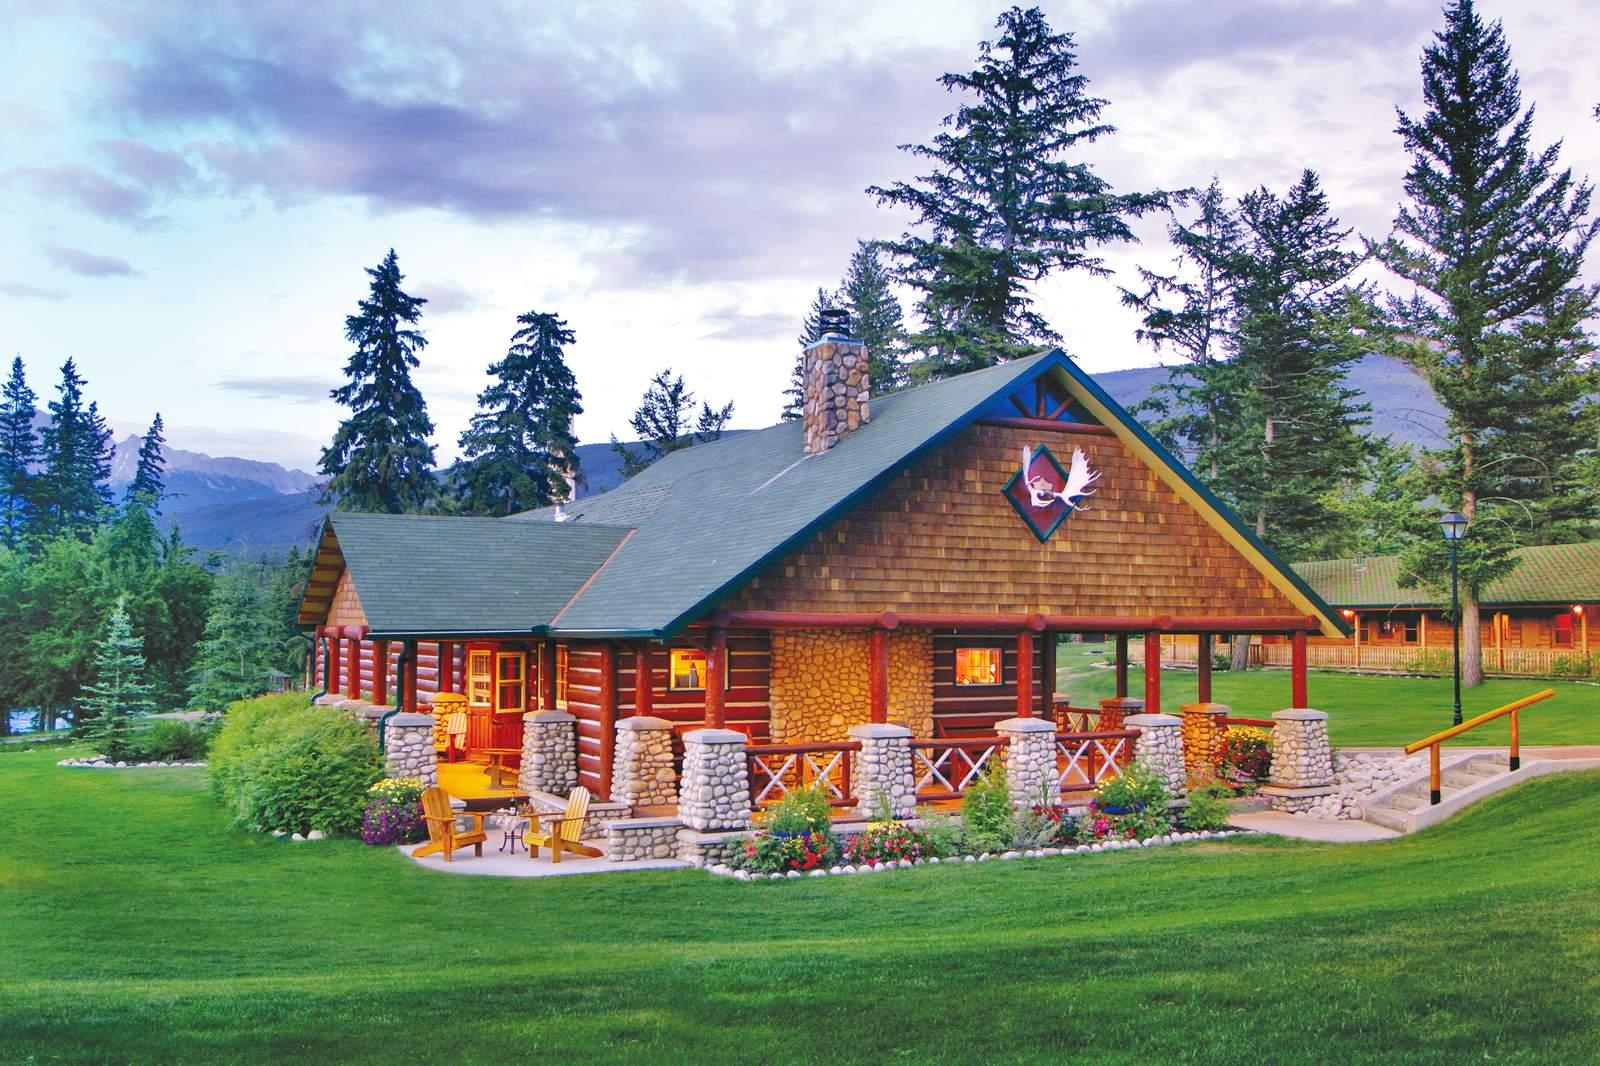 Gardener's Signature Cabin